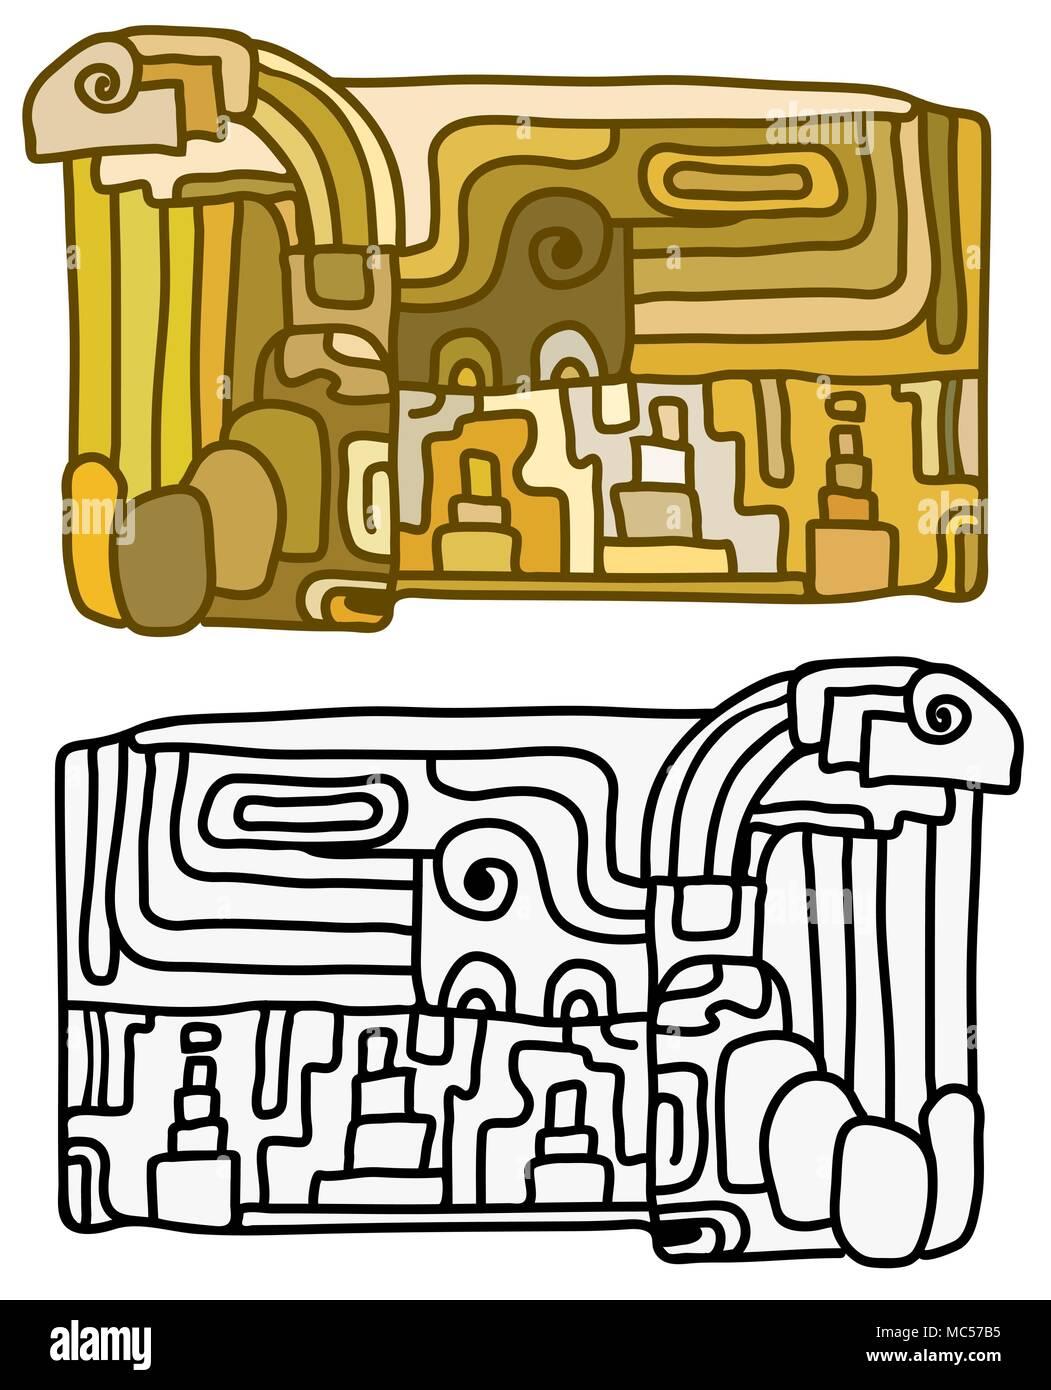 Diseño De Tableta Maya Caricatura Dibujo Versiones En Color Y En